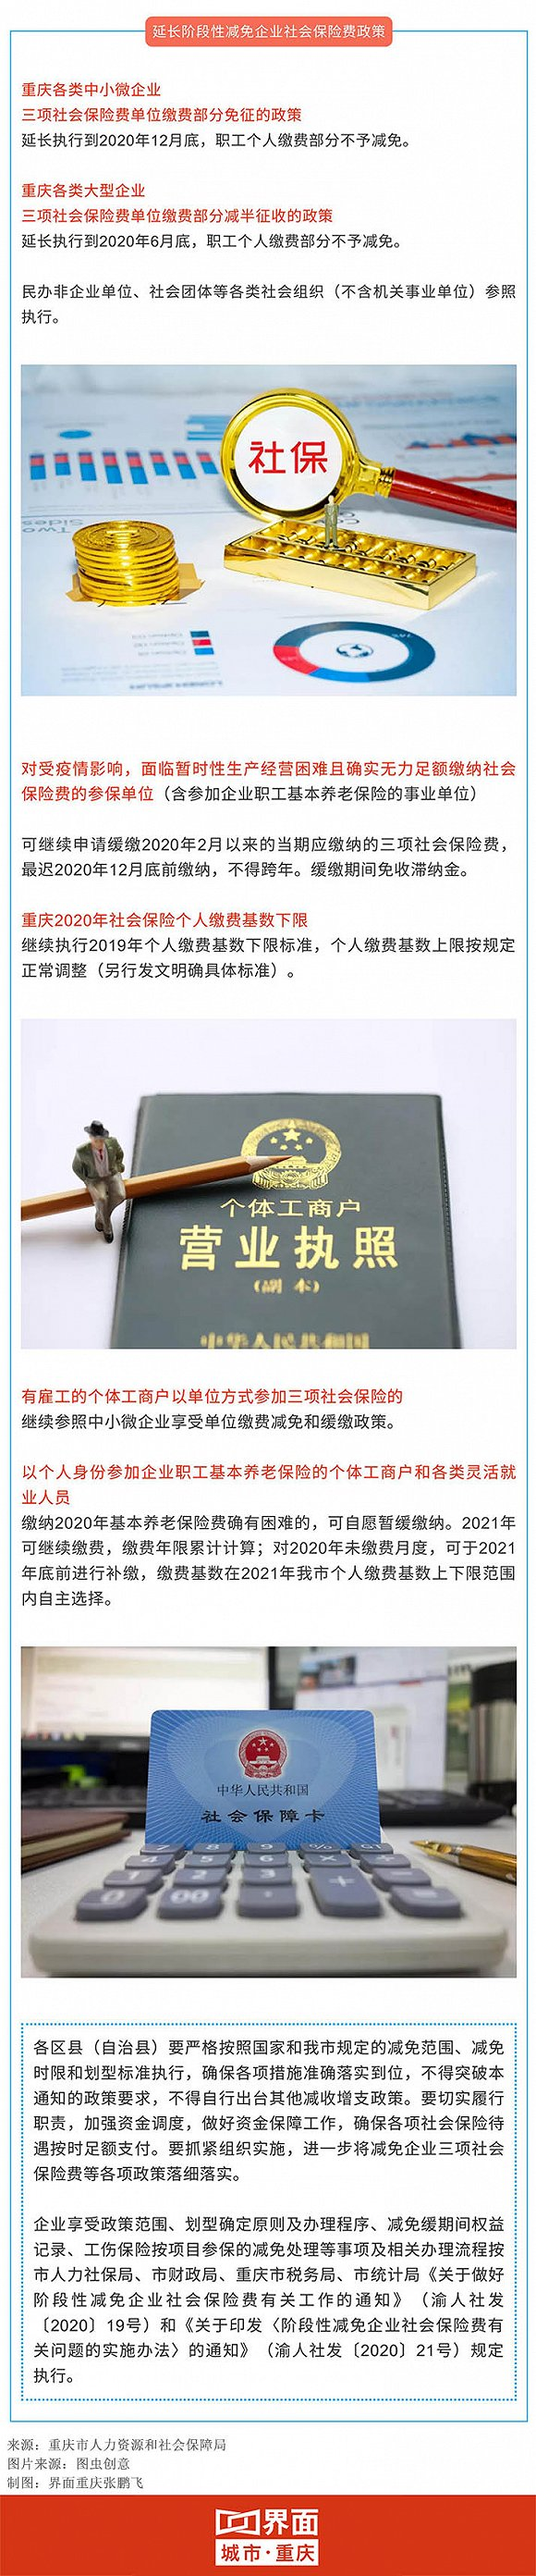 重慶中小微企業社保費:企業部分